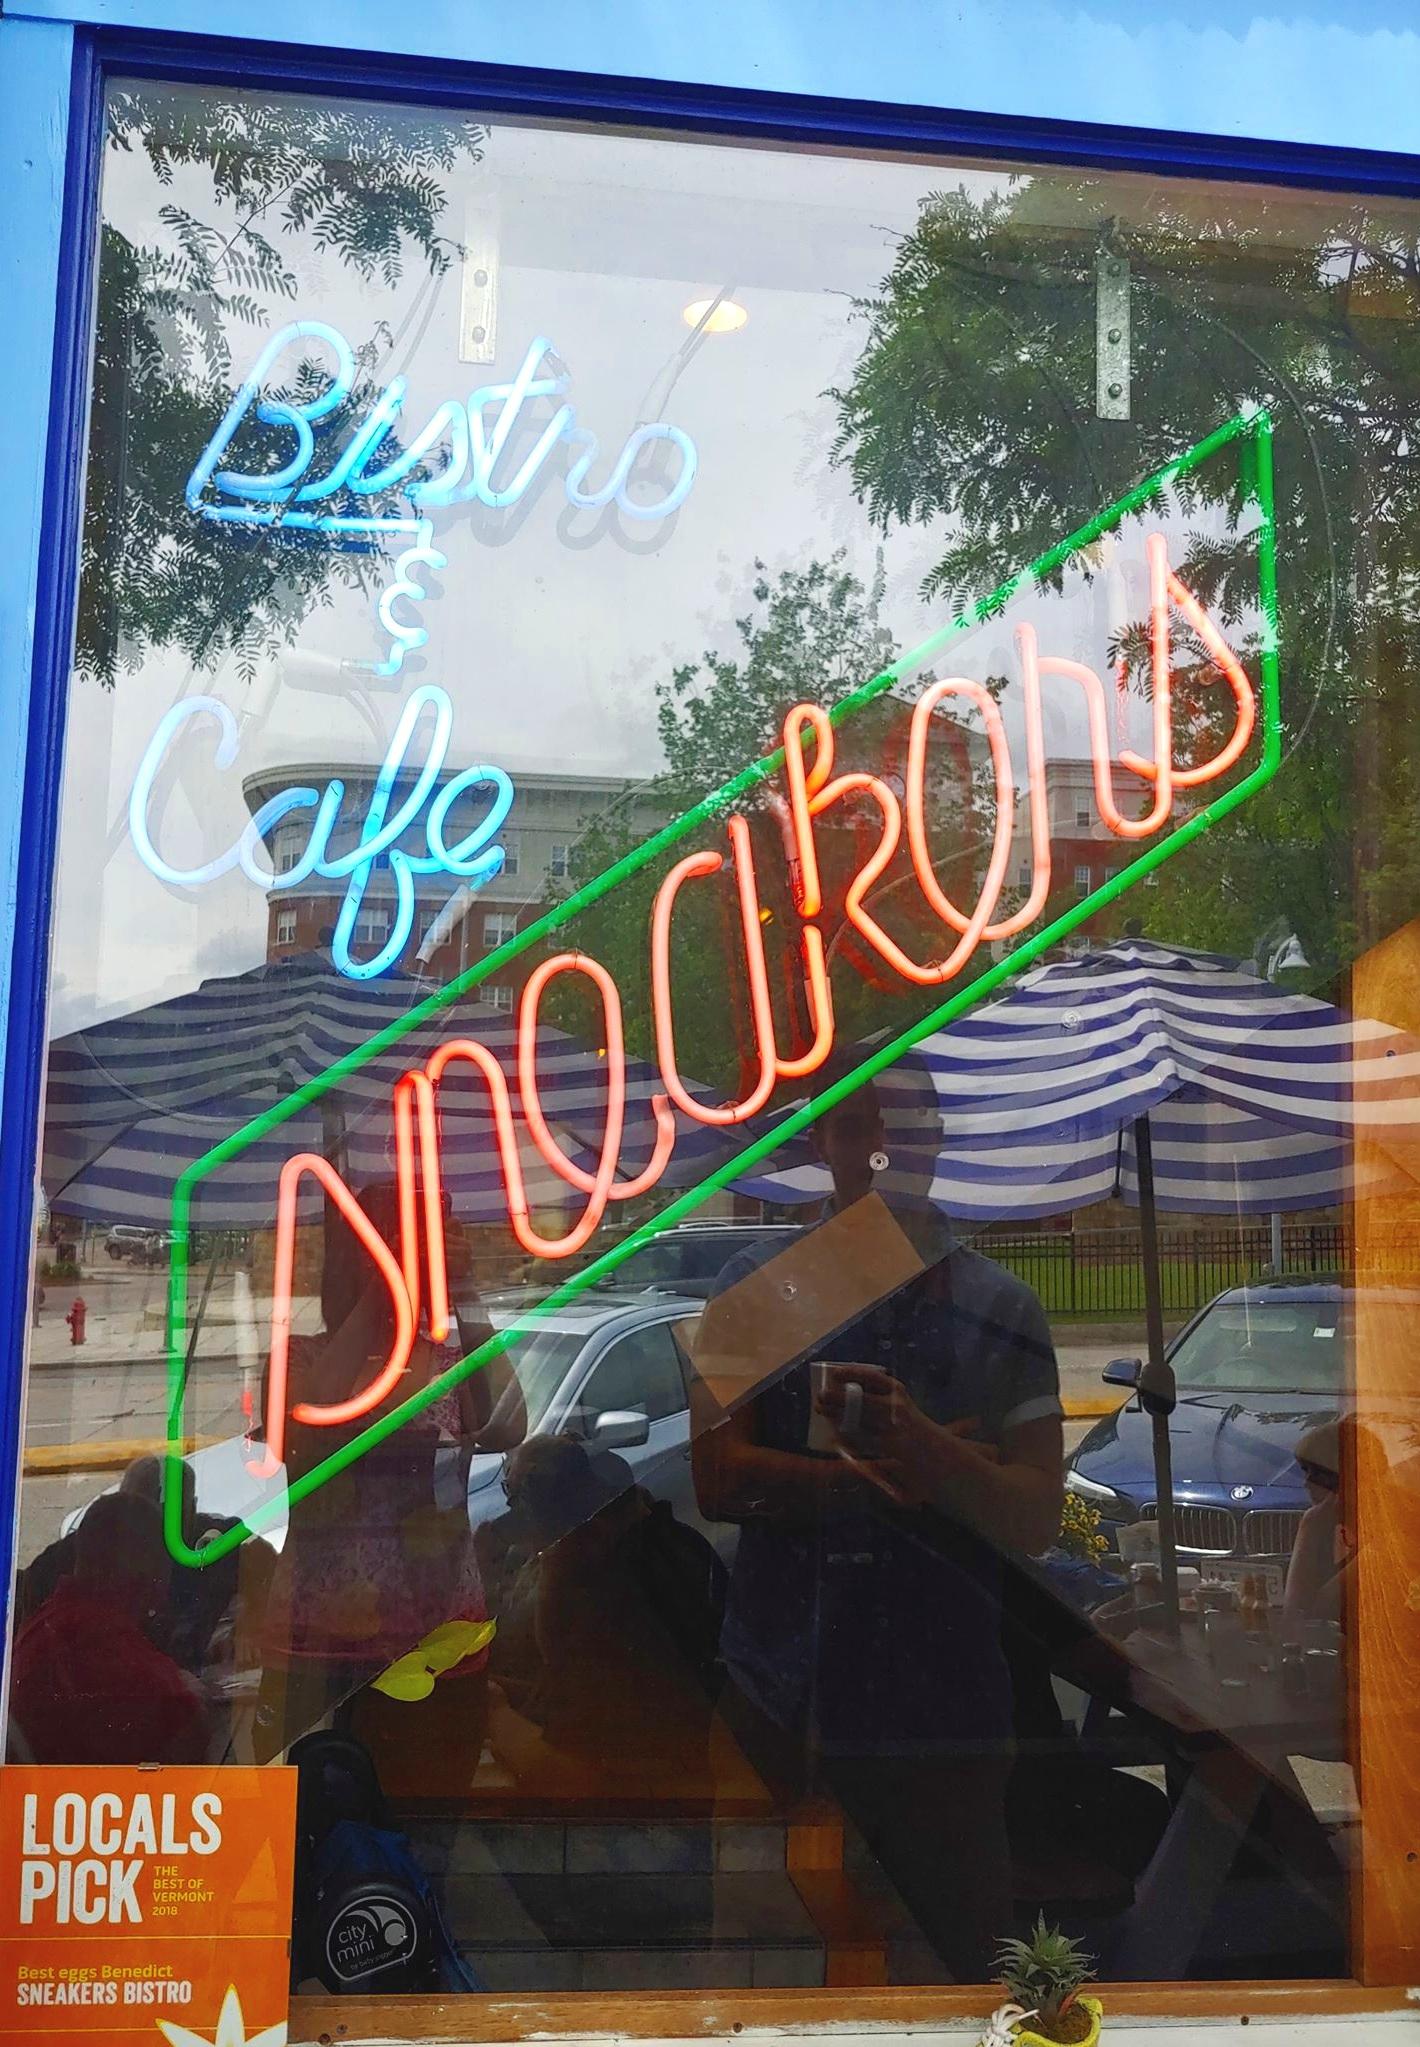 Sneakers Bistro & Cafe in Winooski, Vermont - best Vermont brunch restaurant - best eggs benedict in Vermont - breakfast burlington vt - breakfast winooski vt